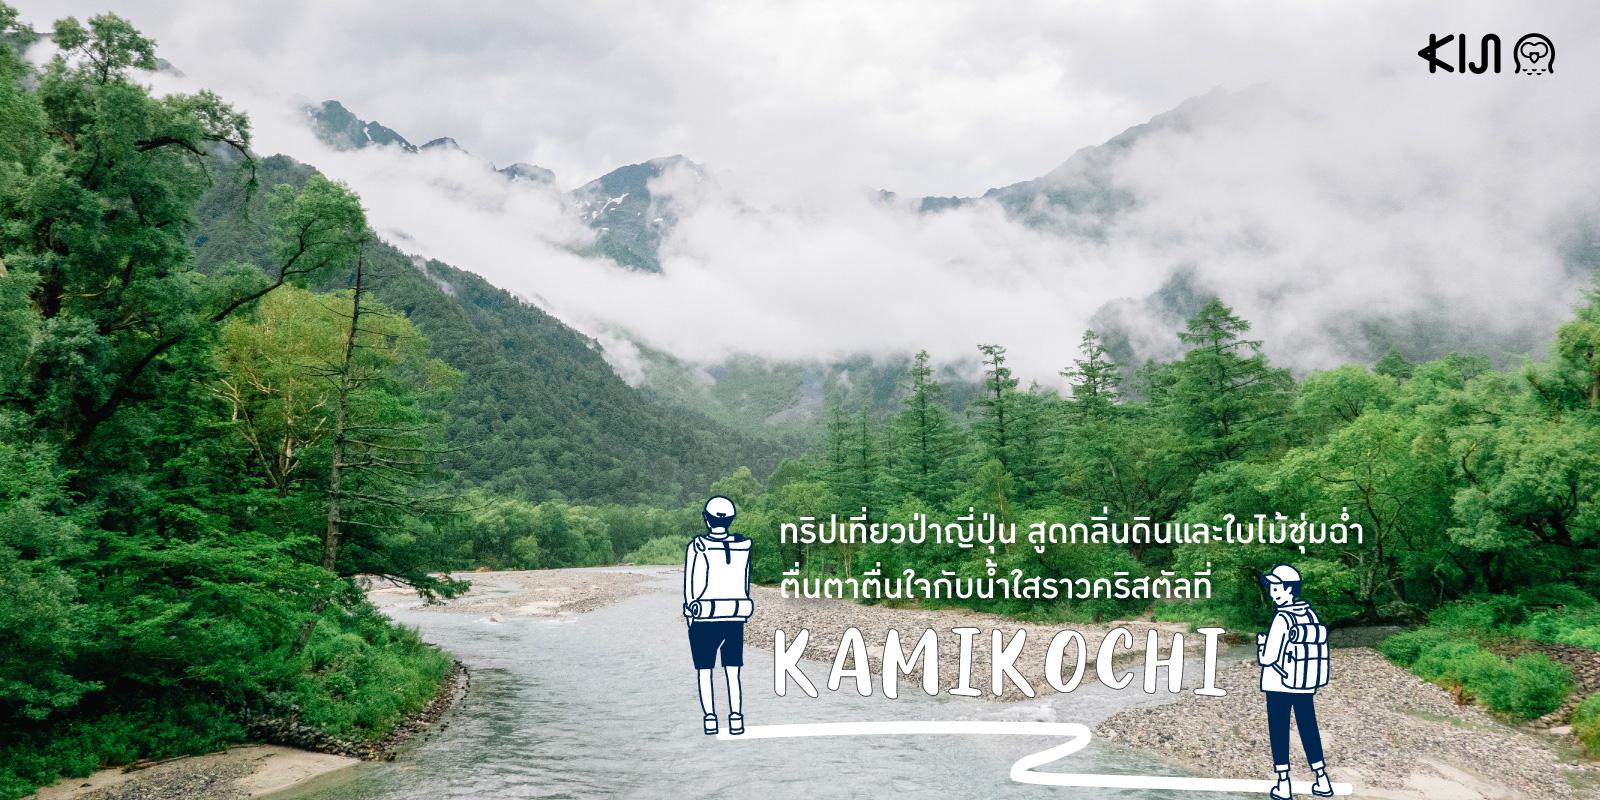 เที่ยว คามิโคจิ (Kamikochi)